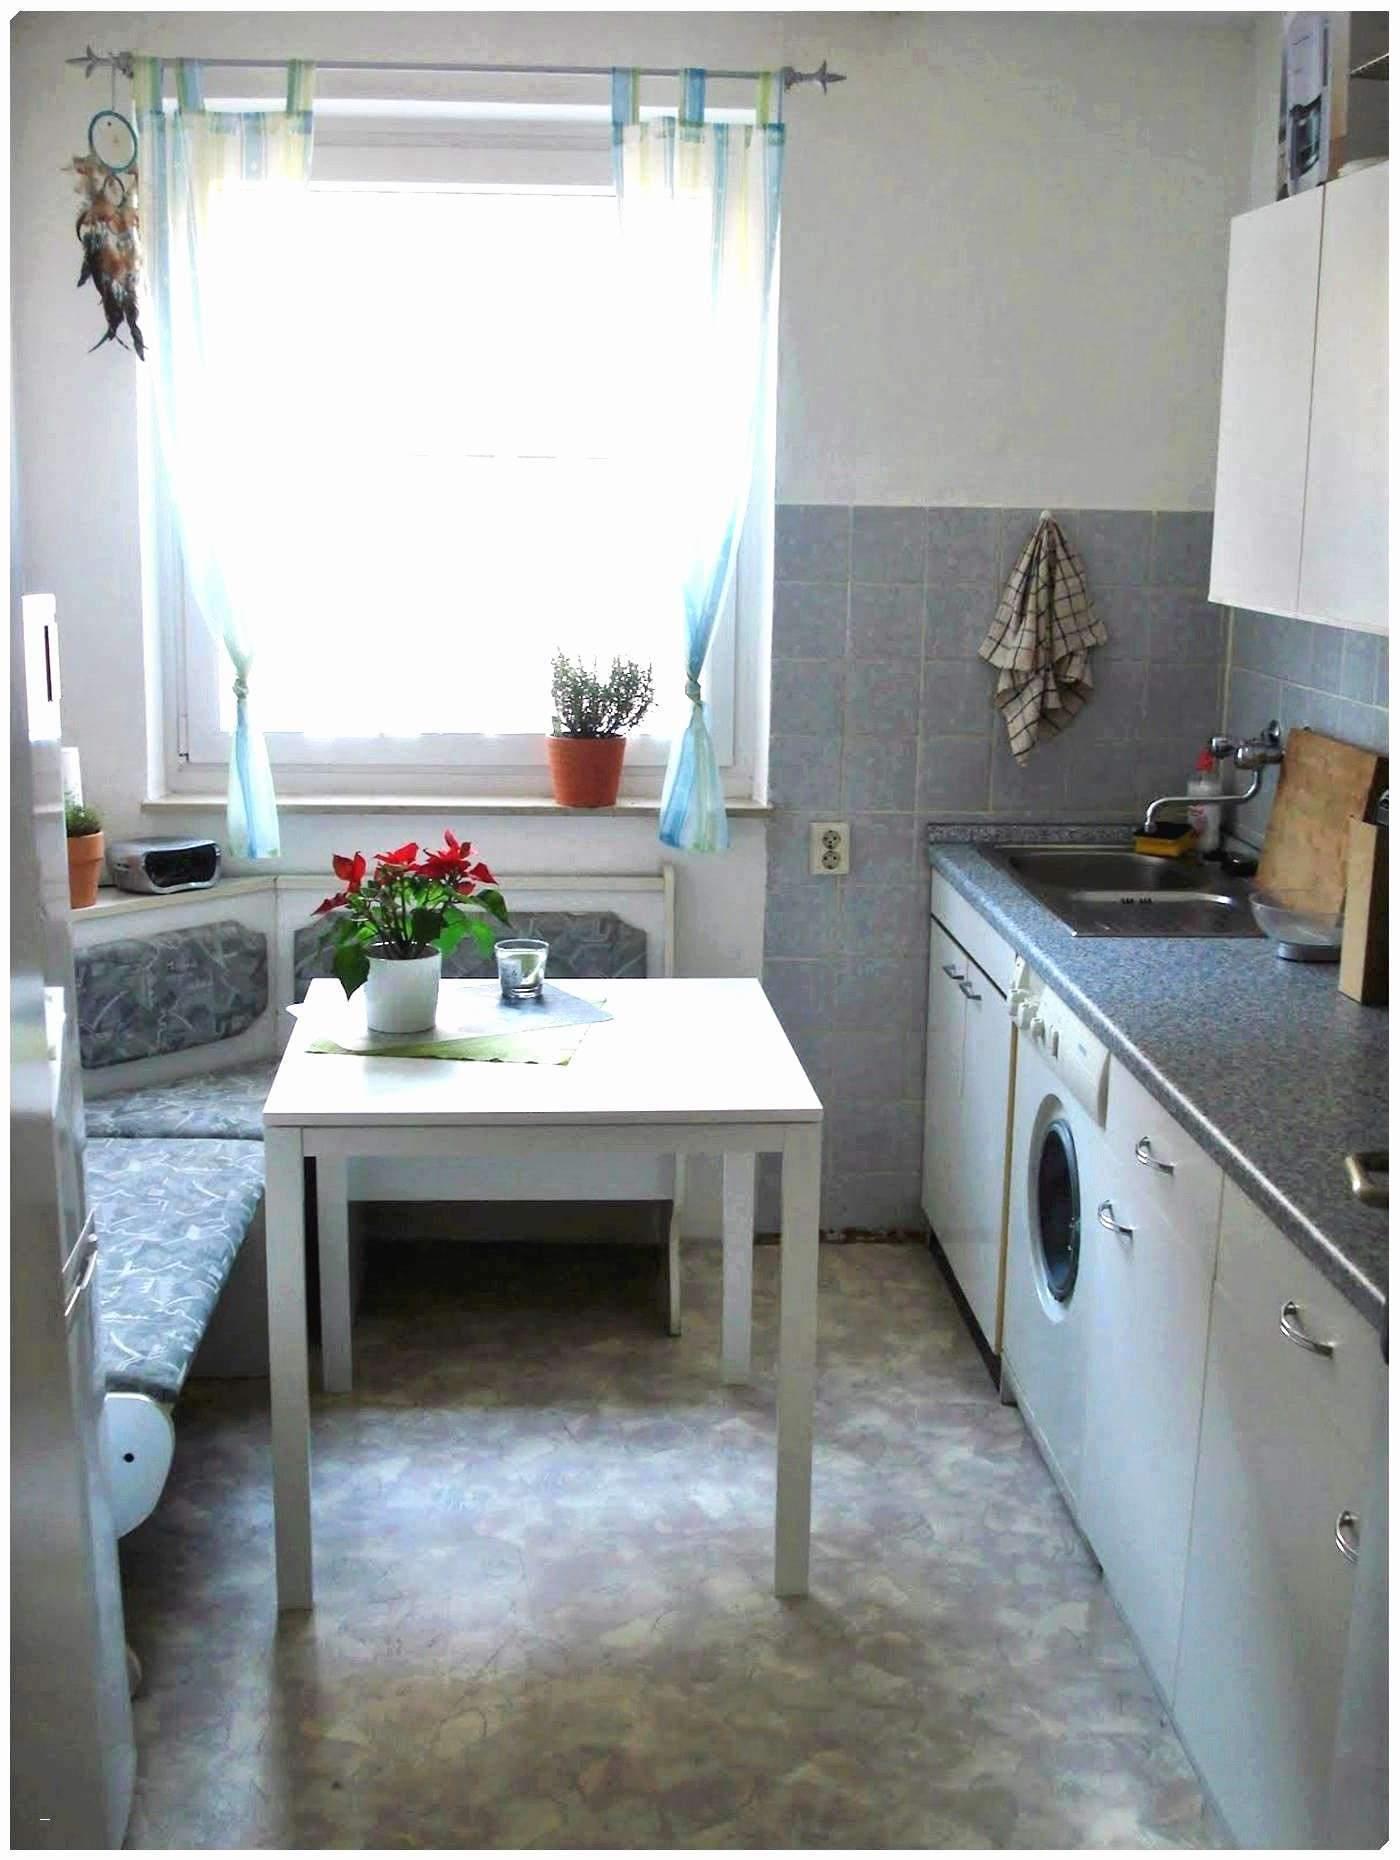 wanddeko wohnzimmer holz luxus neu wohnzimmer wanddeko of wanddeko wohnzimmer holz